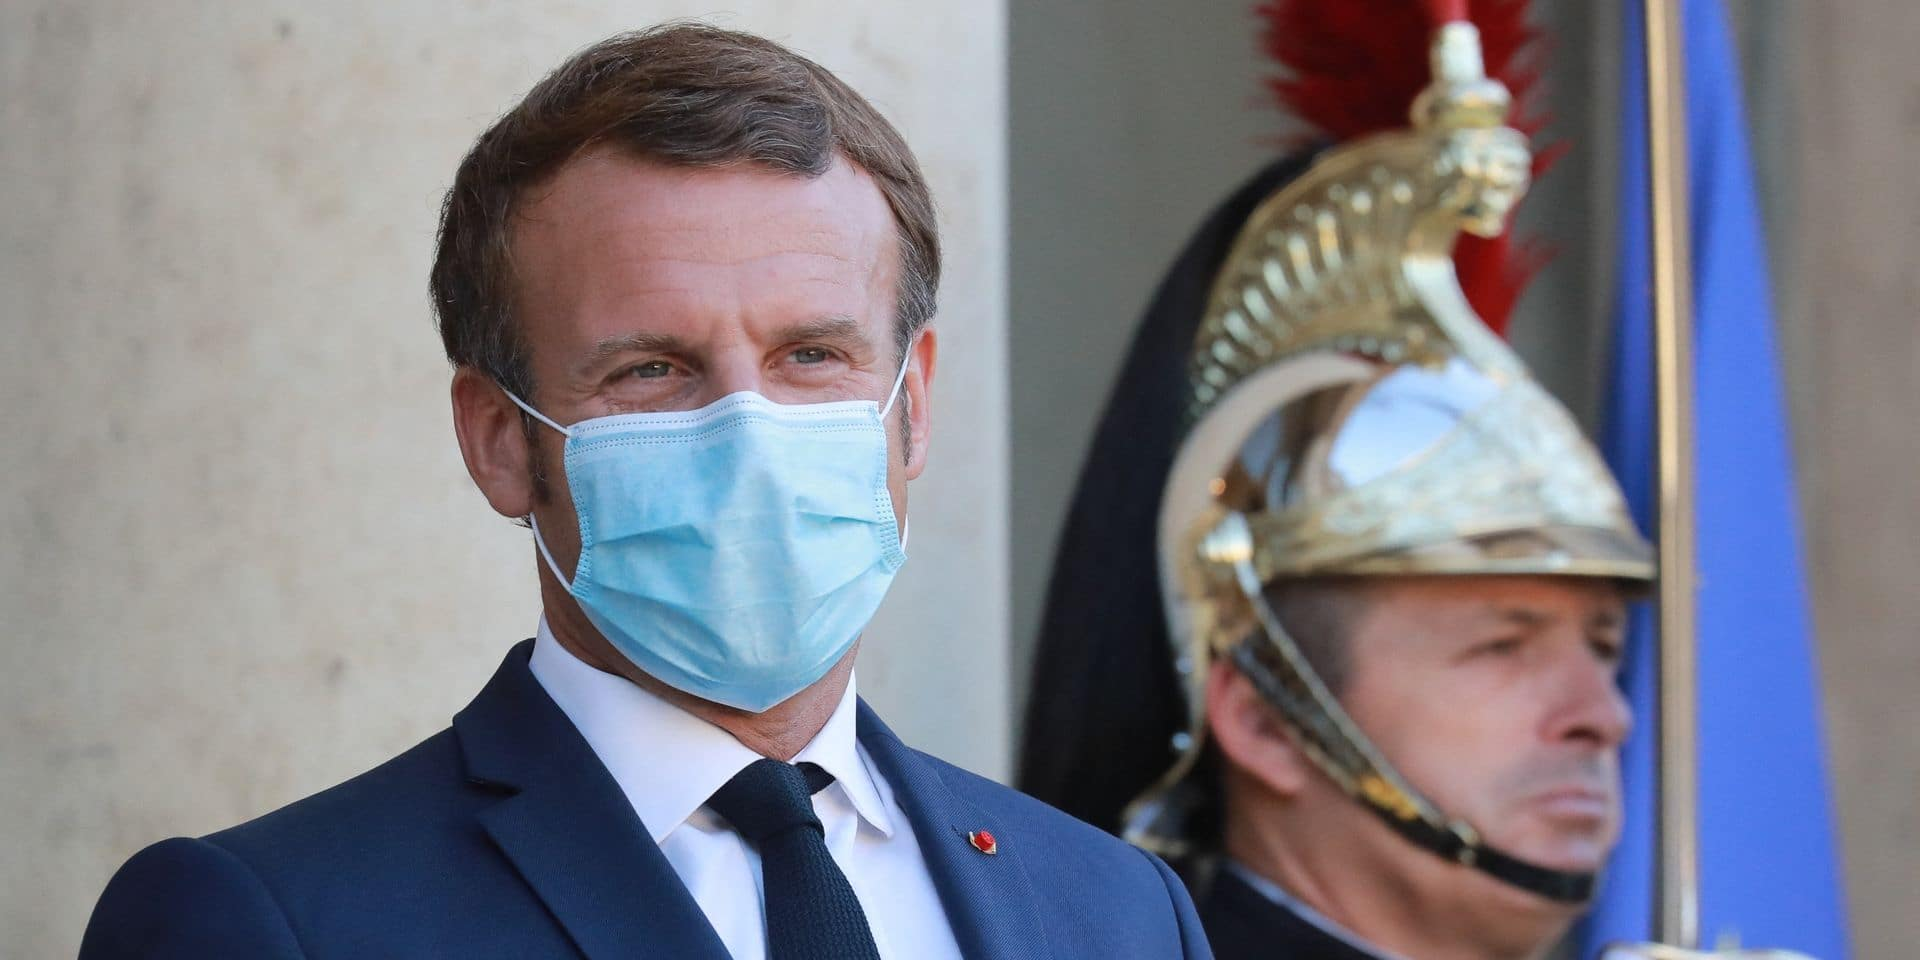 Il utilise le pass sanitaire d'Emmanuel Macron et finit...en garde à vue